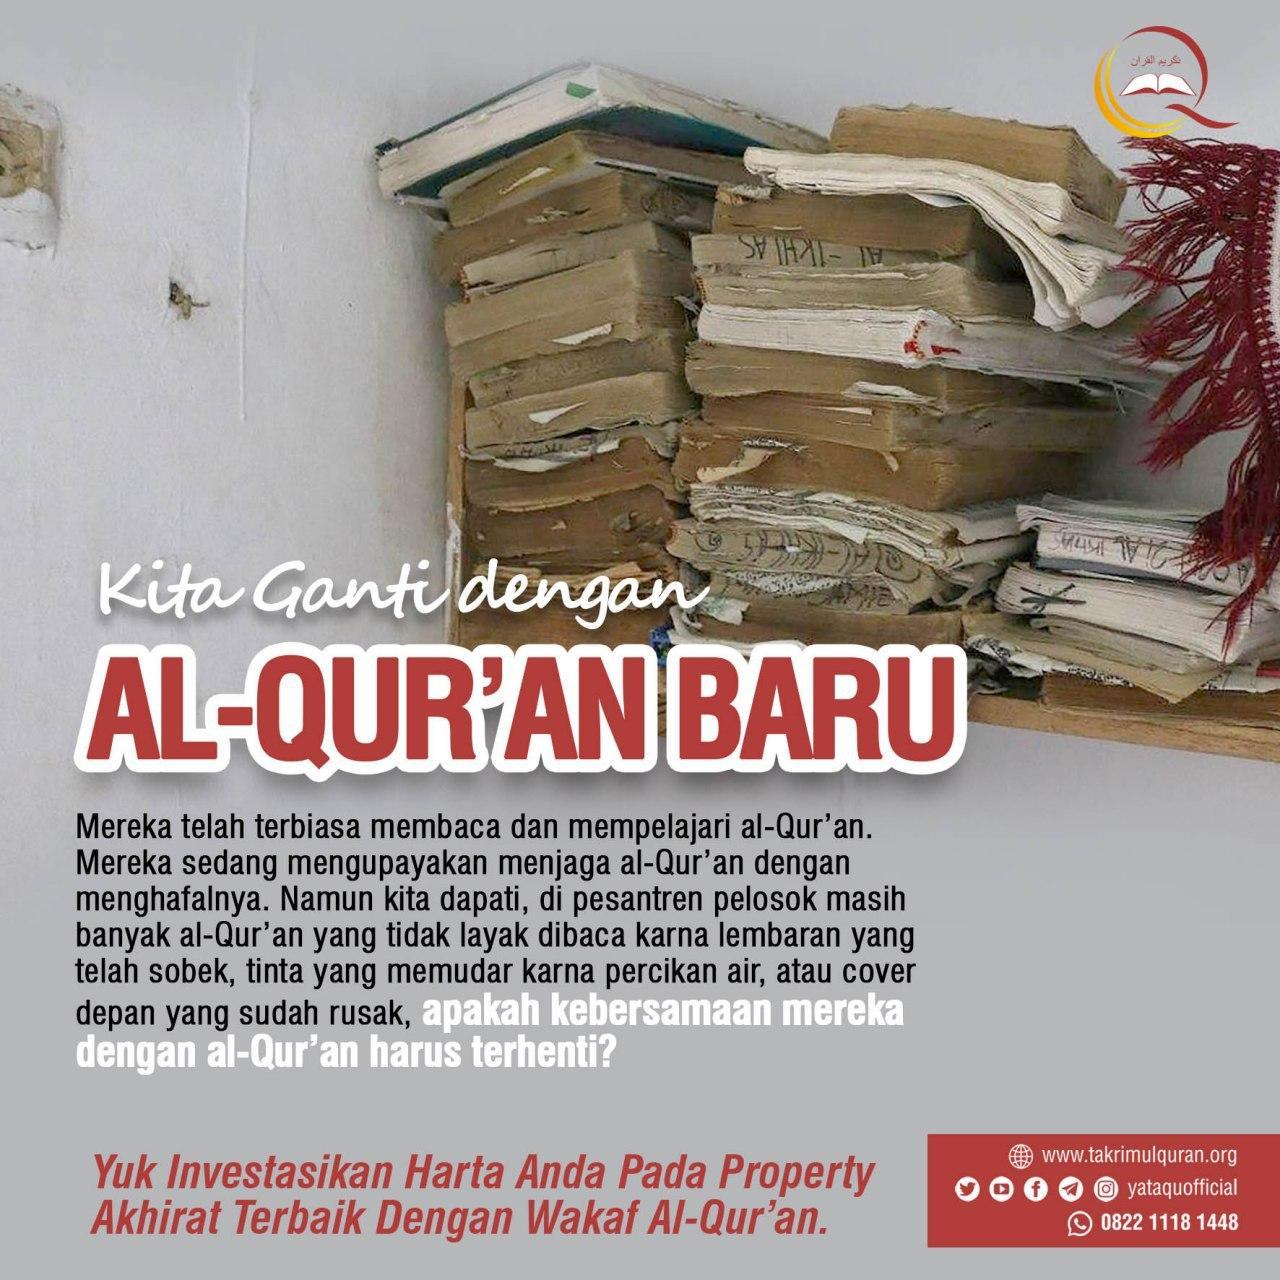 MEREKA BUTUH AL-QUR'AN BARU KARENA YANG ADA SUDAH LUSUH YATAQU